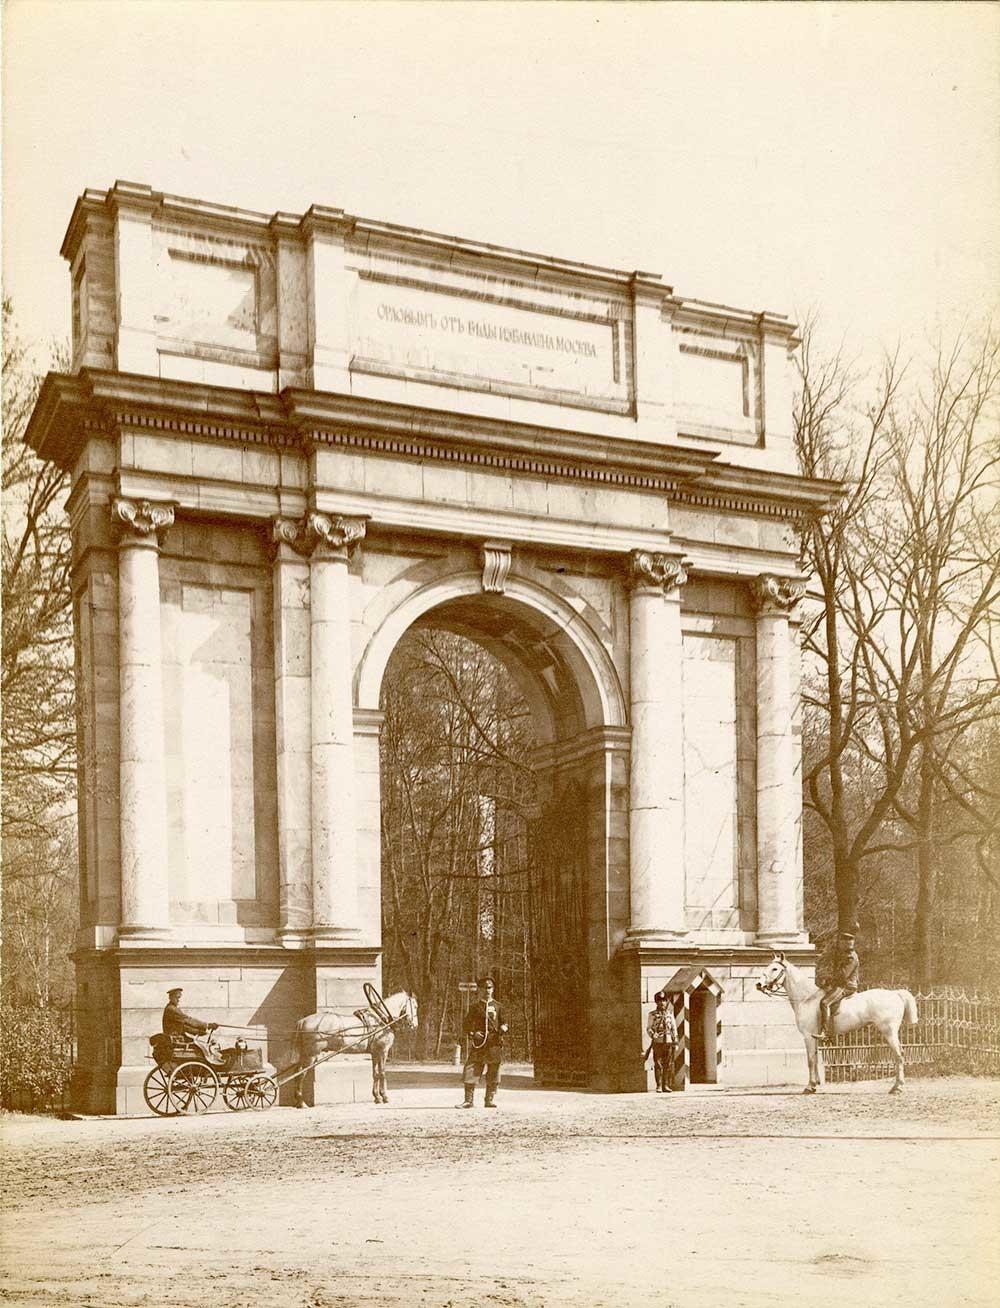 La porte d'Orel du parc Catherine, à Tsarskoïé Selo, années 1900. Photographe inconnu